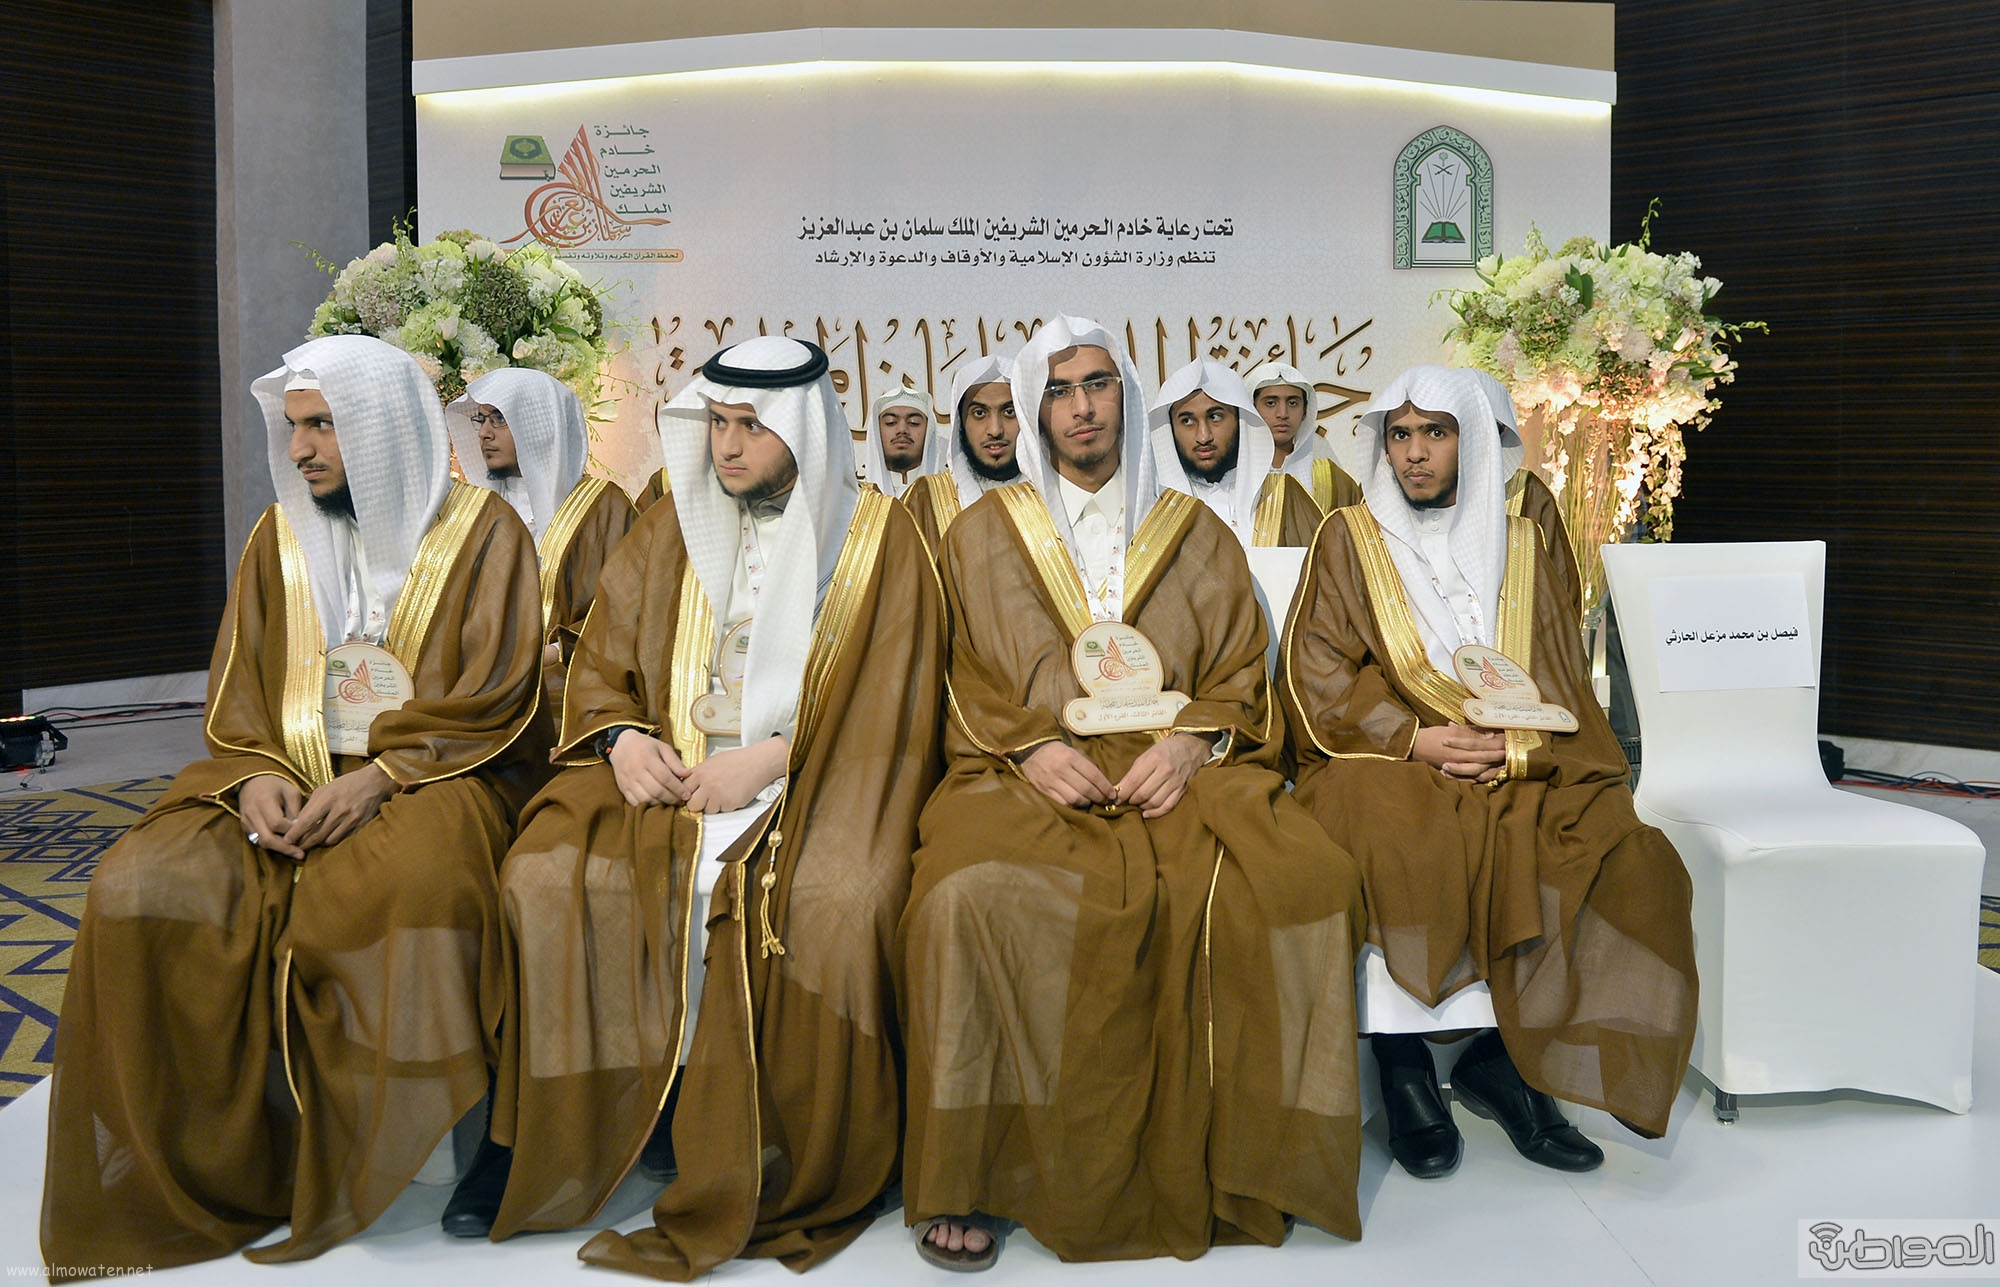 امير منطقة الرياض يرعى حفل اختتام مسابقة جائزة الملك سلمان لحفظ القران الكريم (2)